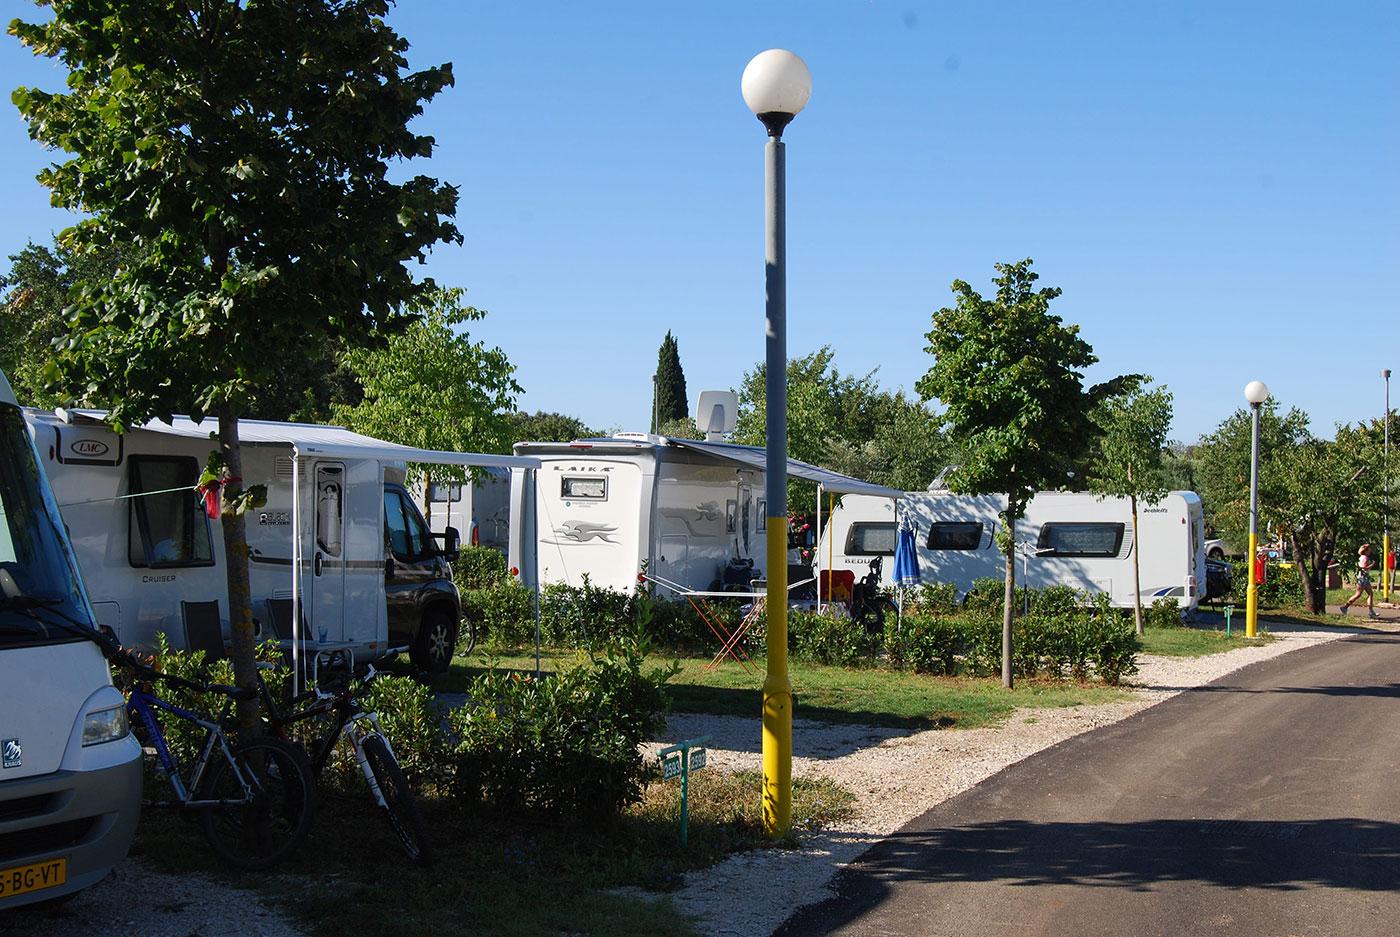 Mumbai Candid Virtual Tour Bungalow 9: Campsite Valalta FKK Naturist, Rovinj, Istria, Croatia